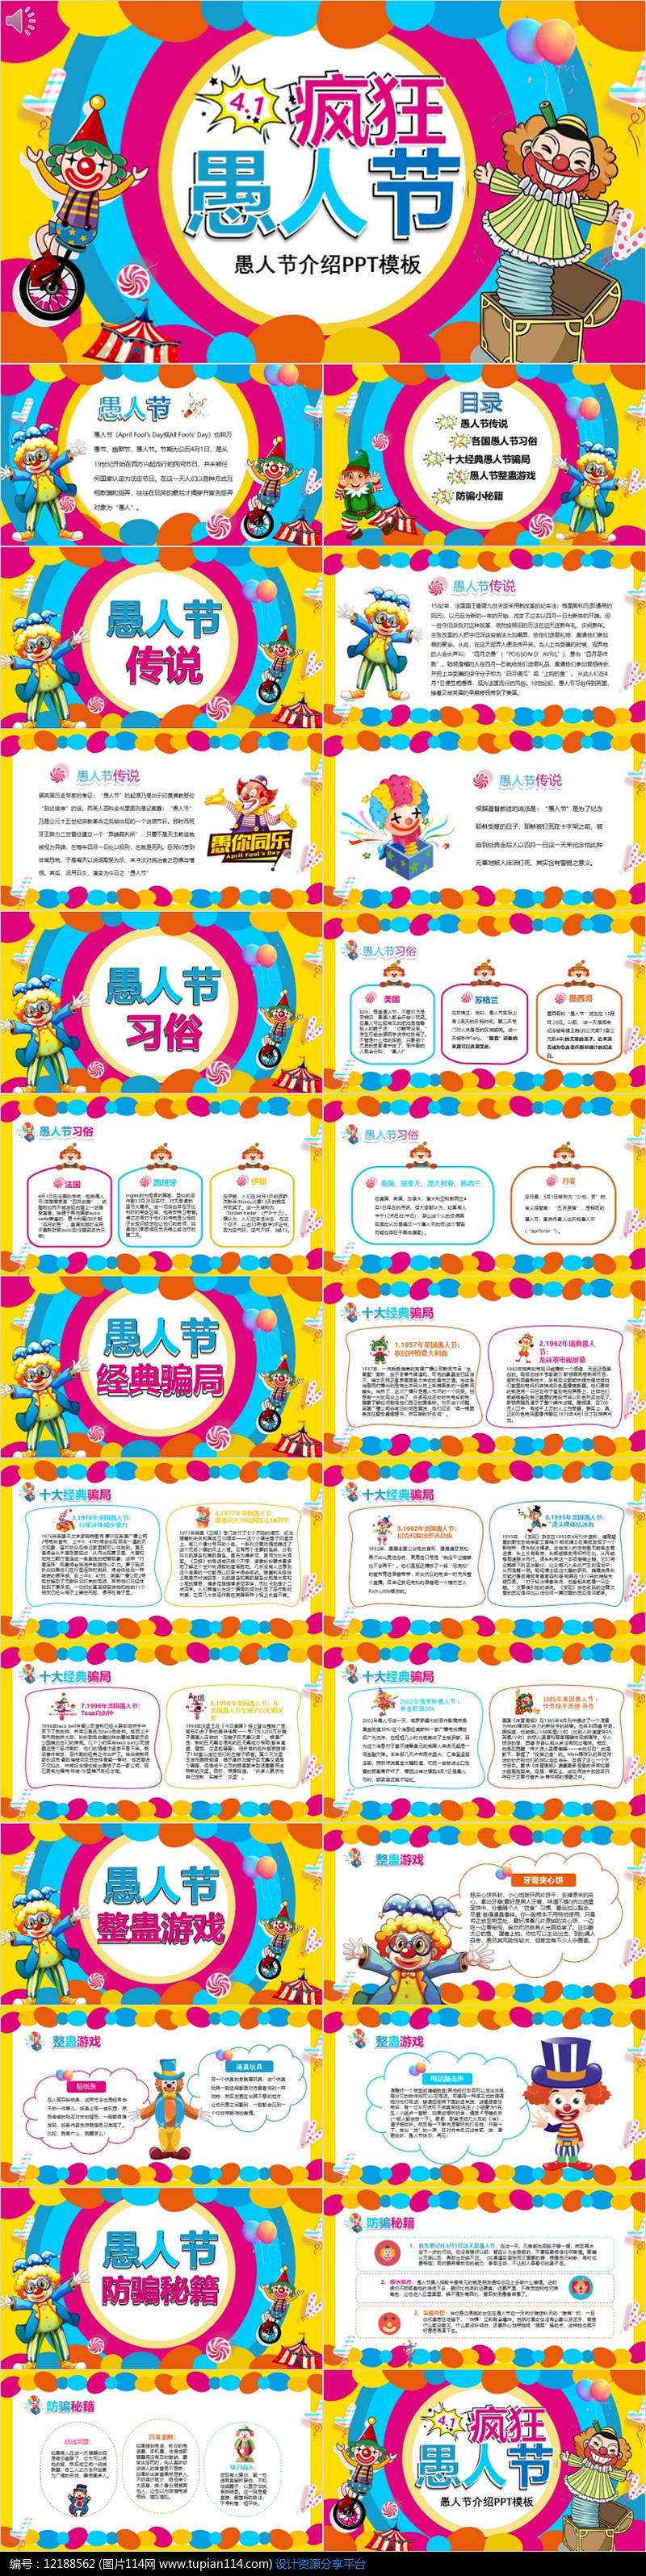 彩色卡通4月1日愚人节介绍PPT